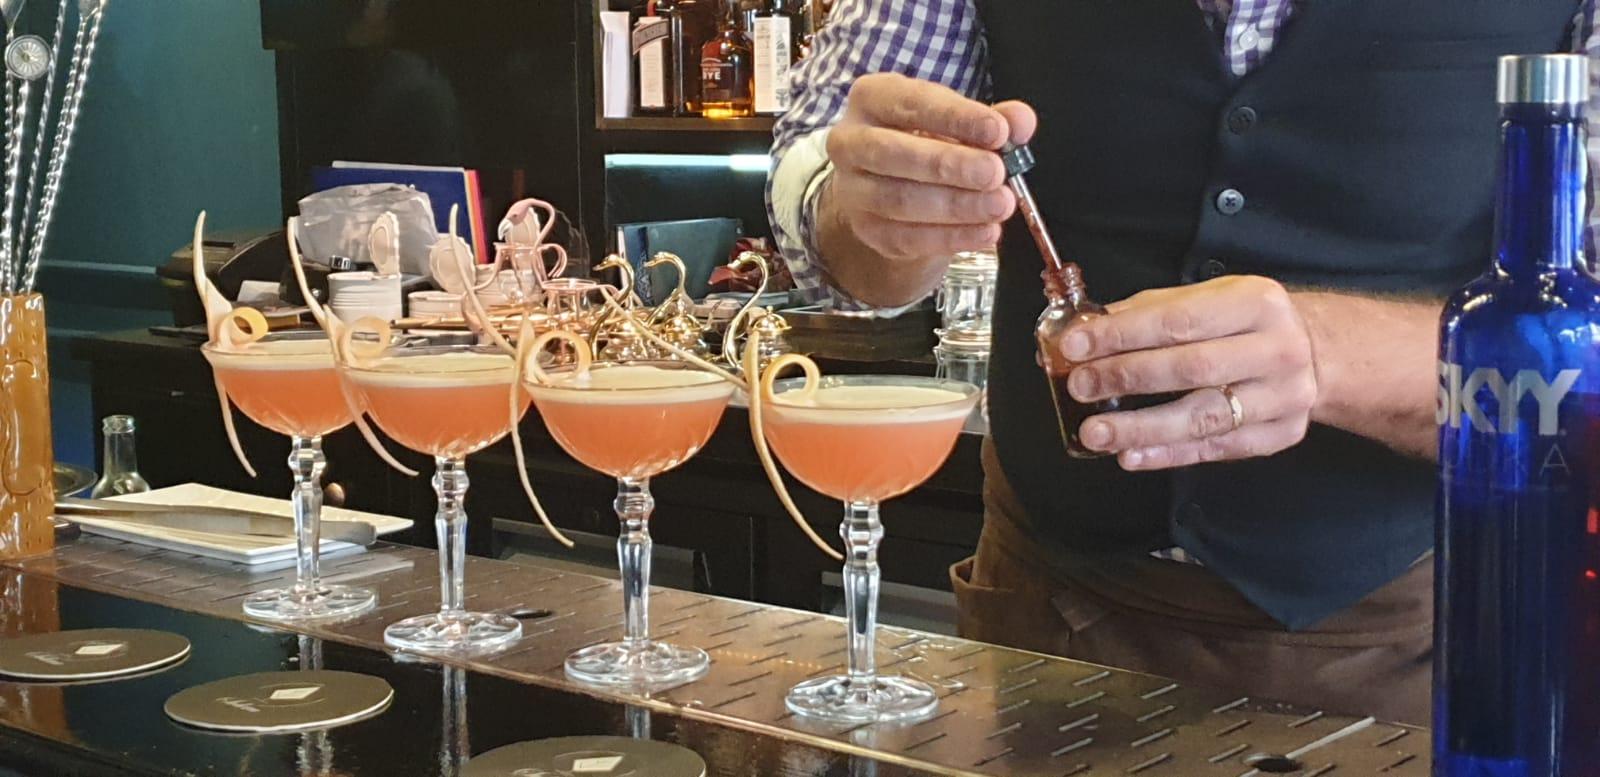 Réalisation de cocktails mixo au Solera Paris avec l'ABF